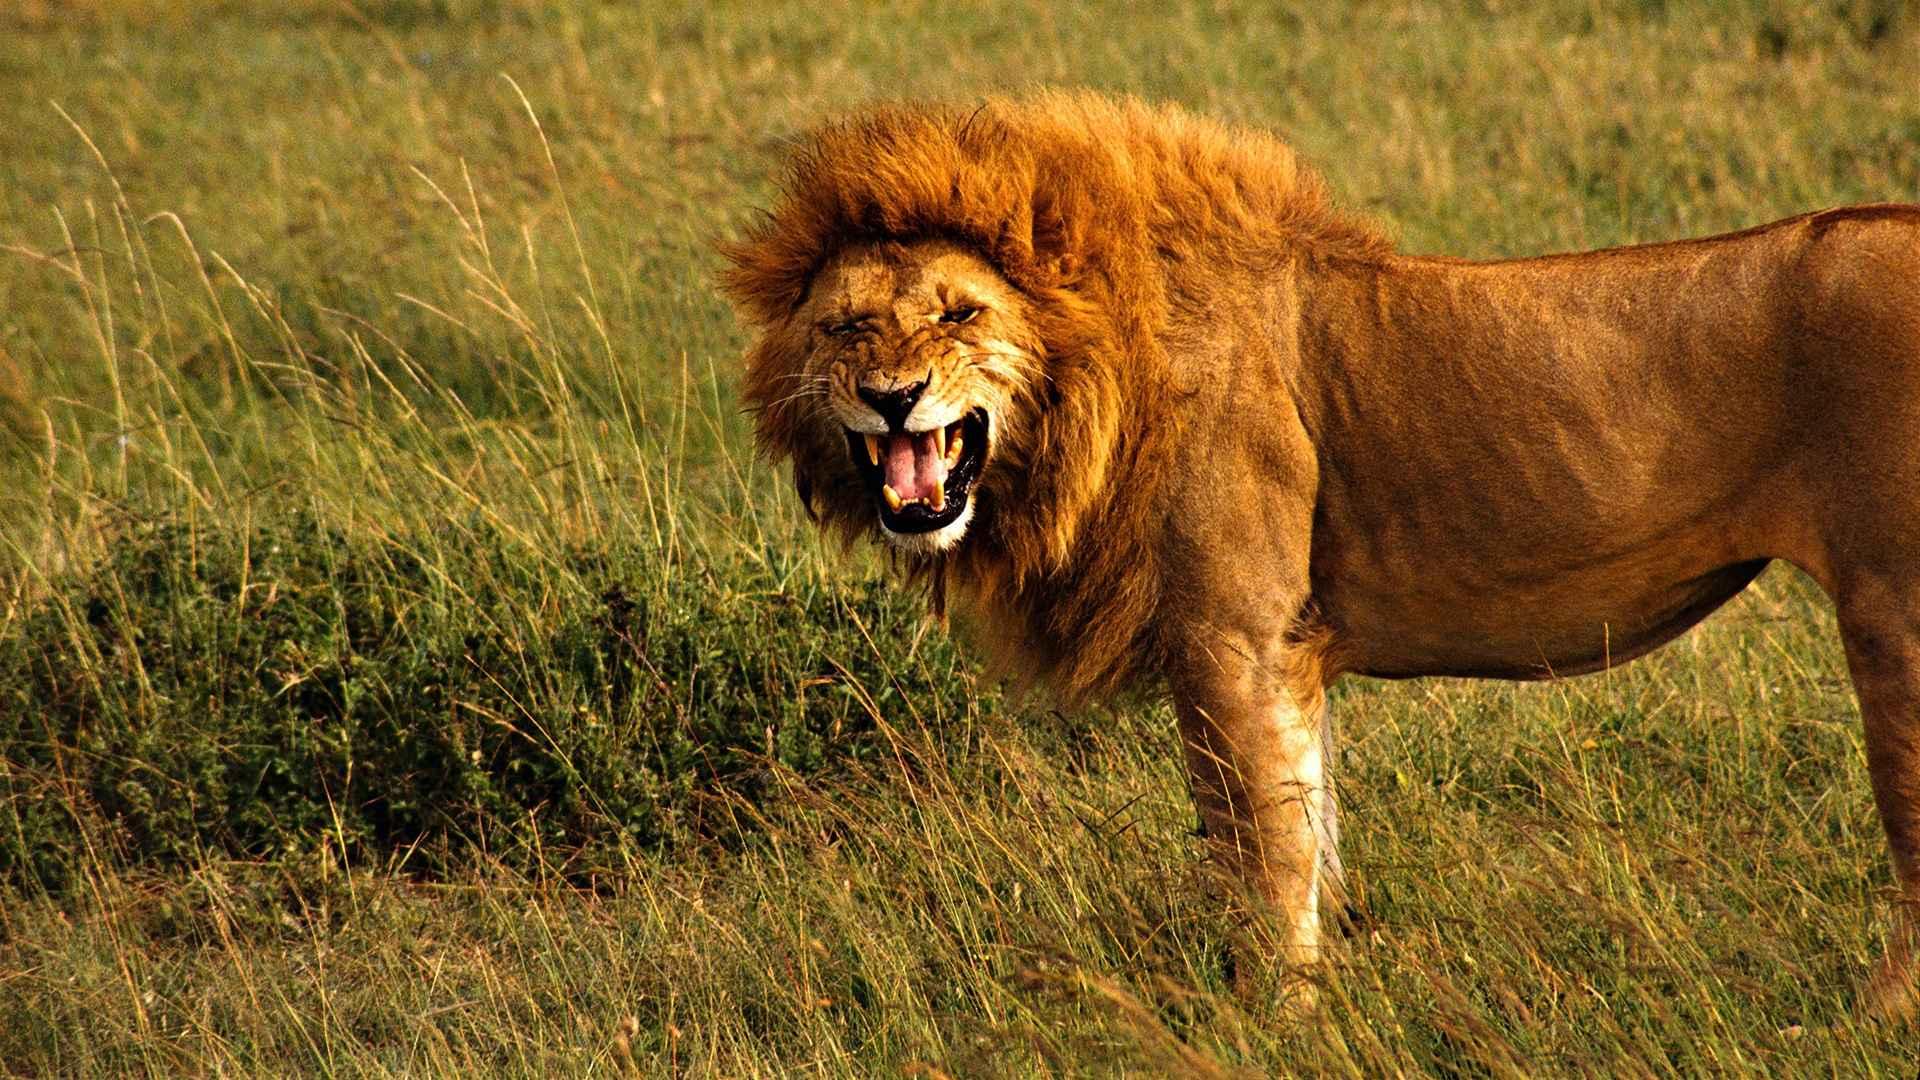 Lion Wallpaper 035